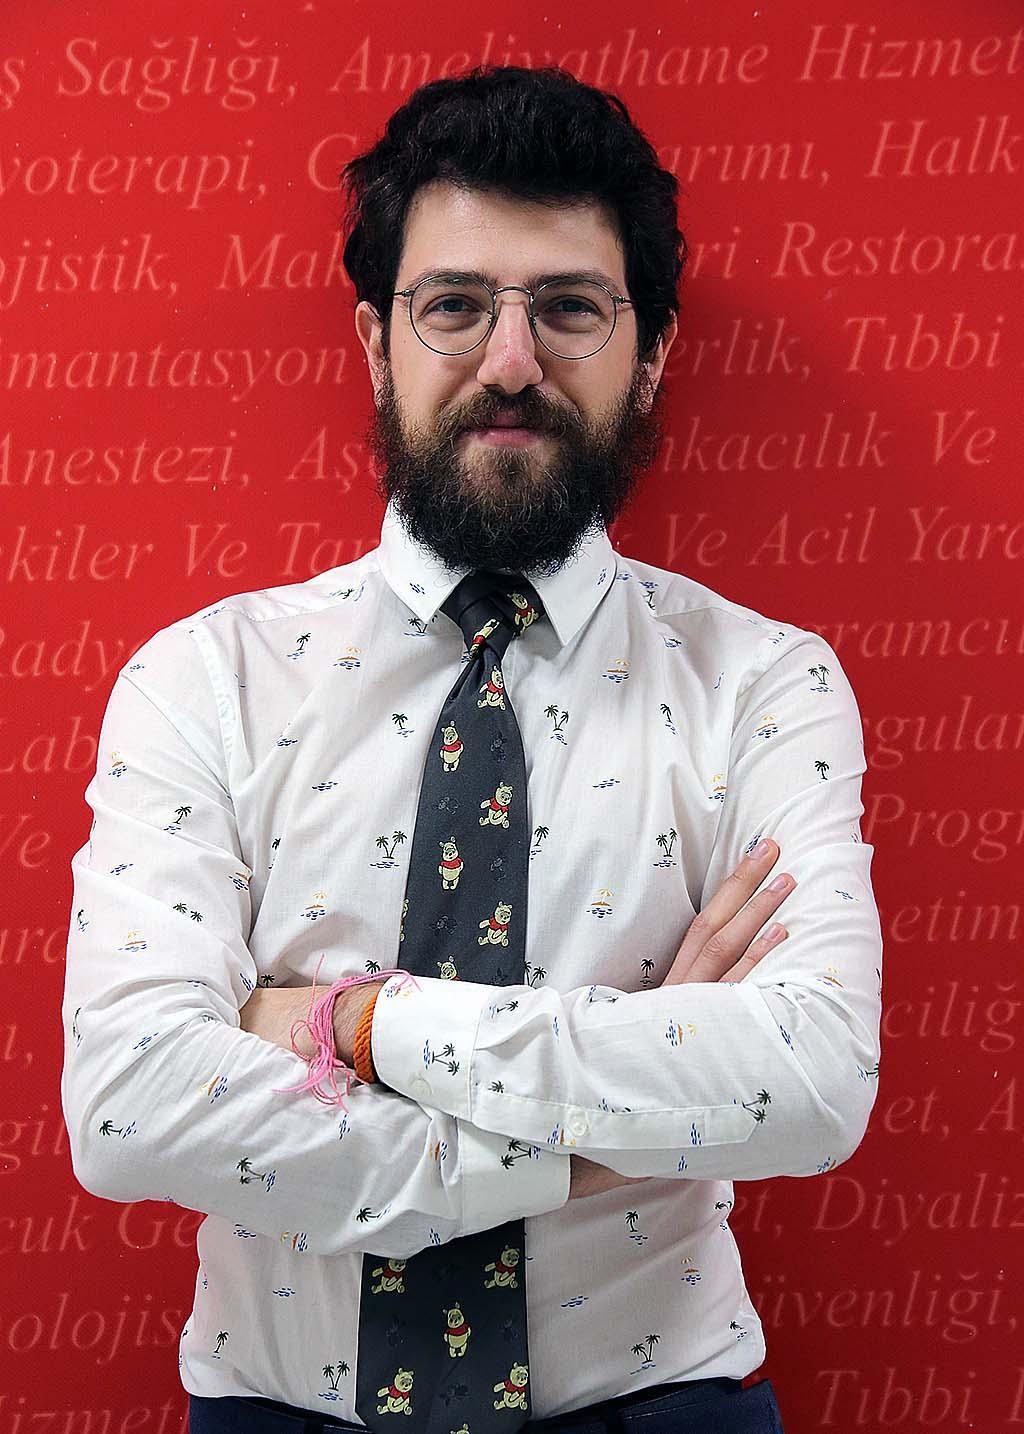 Mehmet Alphan Çakıroğlu